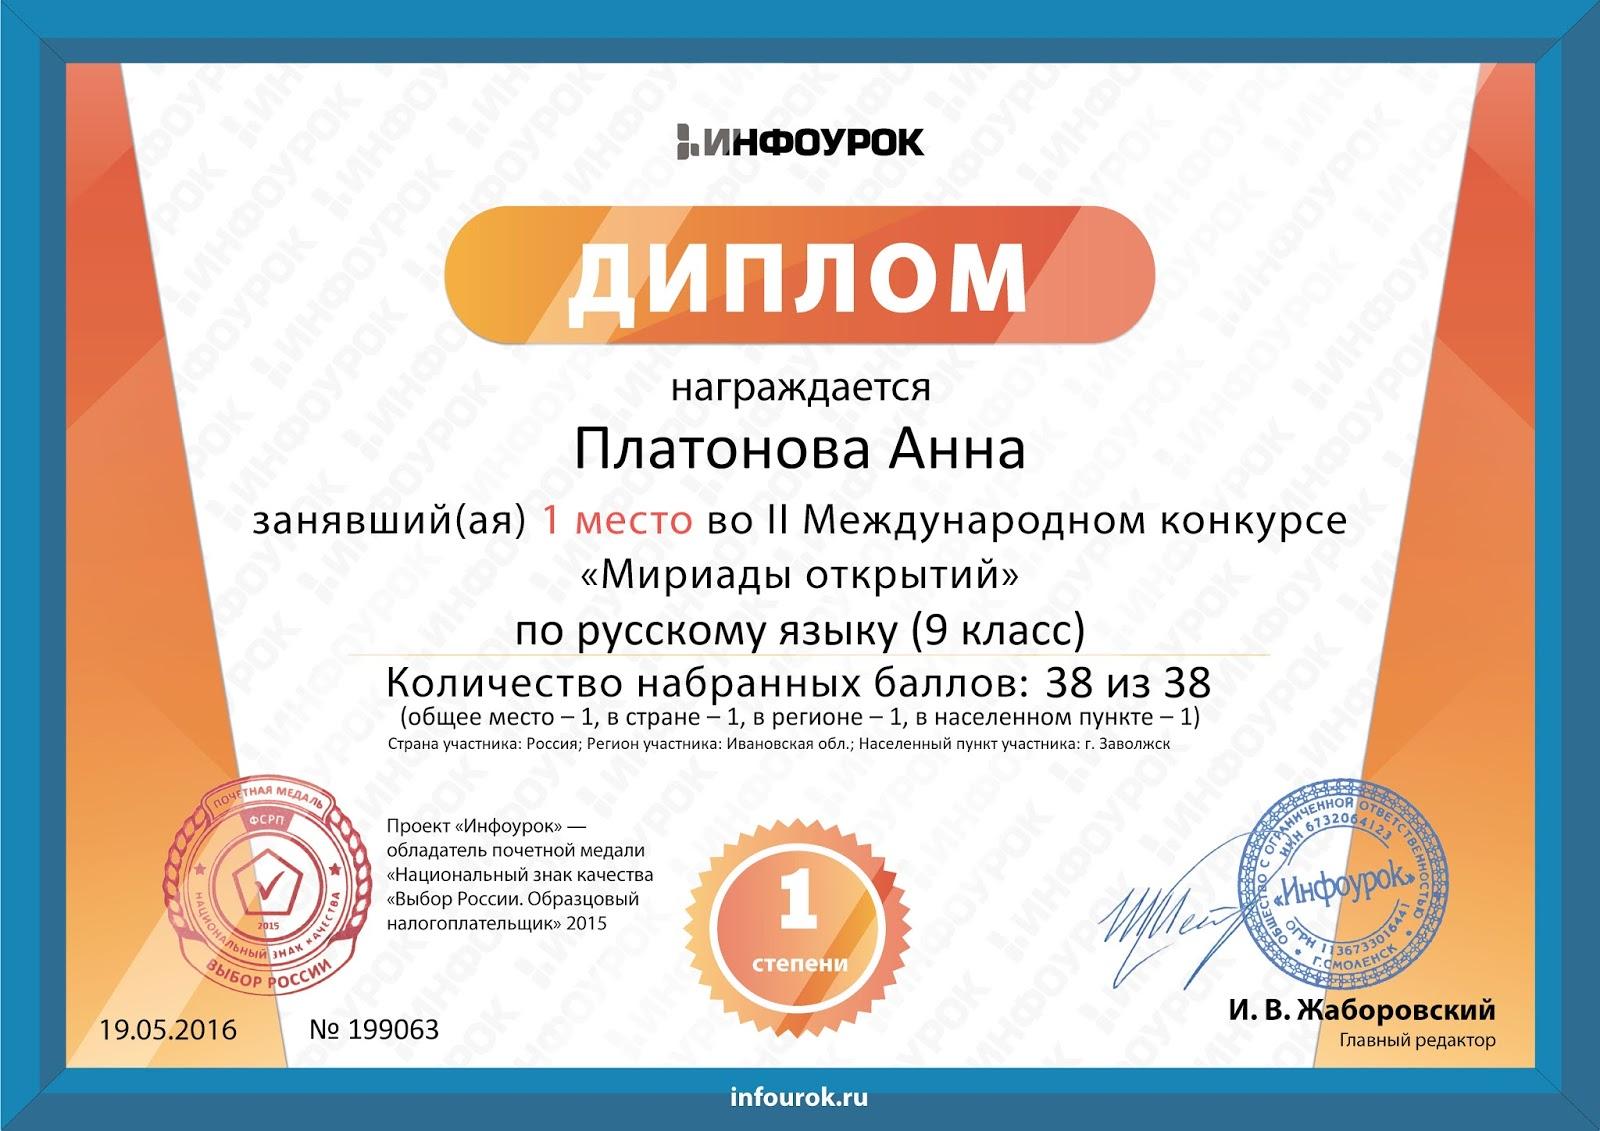 Дружный класс  в двух олимпиадах и получившая Дипломы 1 степени по русскому языку учитель Голубева Е А и Диплом 2 степени по математике учитель Румянцева В С